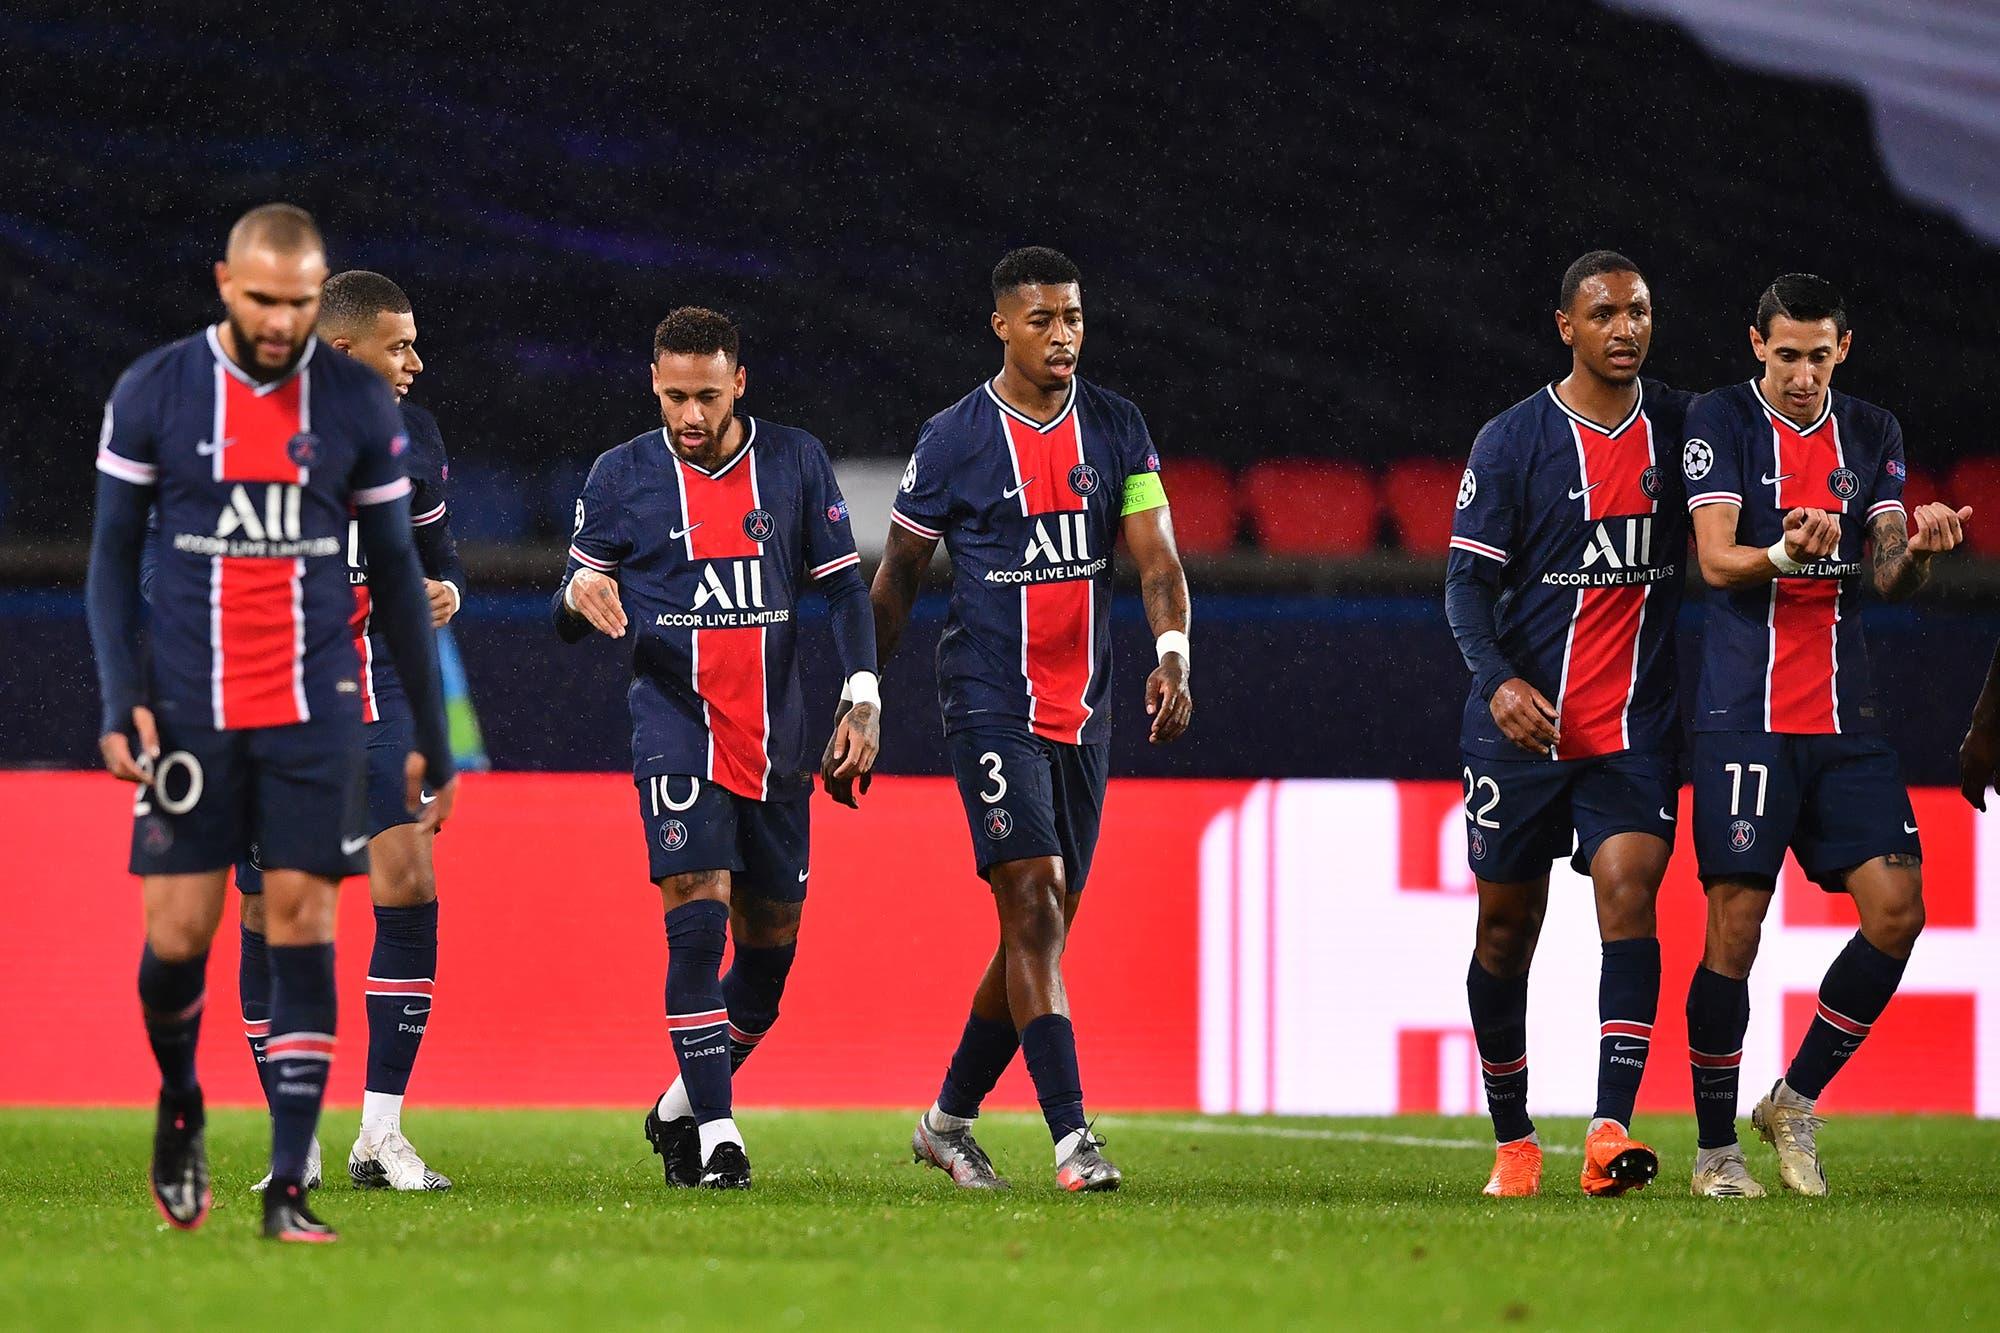 Decepción: PSG perdió como local con Manchester United en su debut en la Champions League